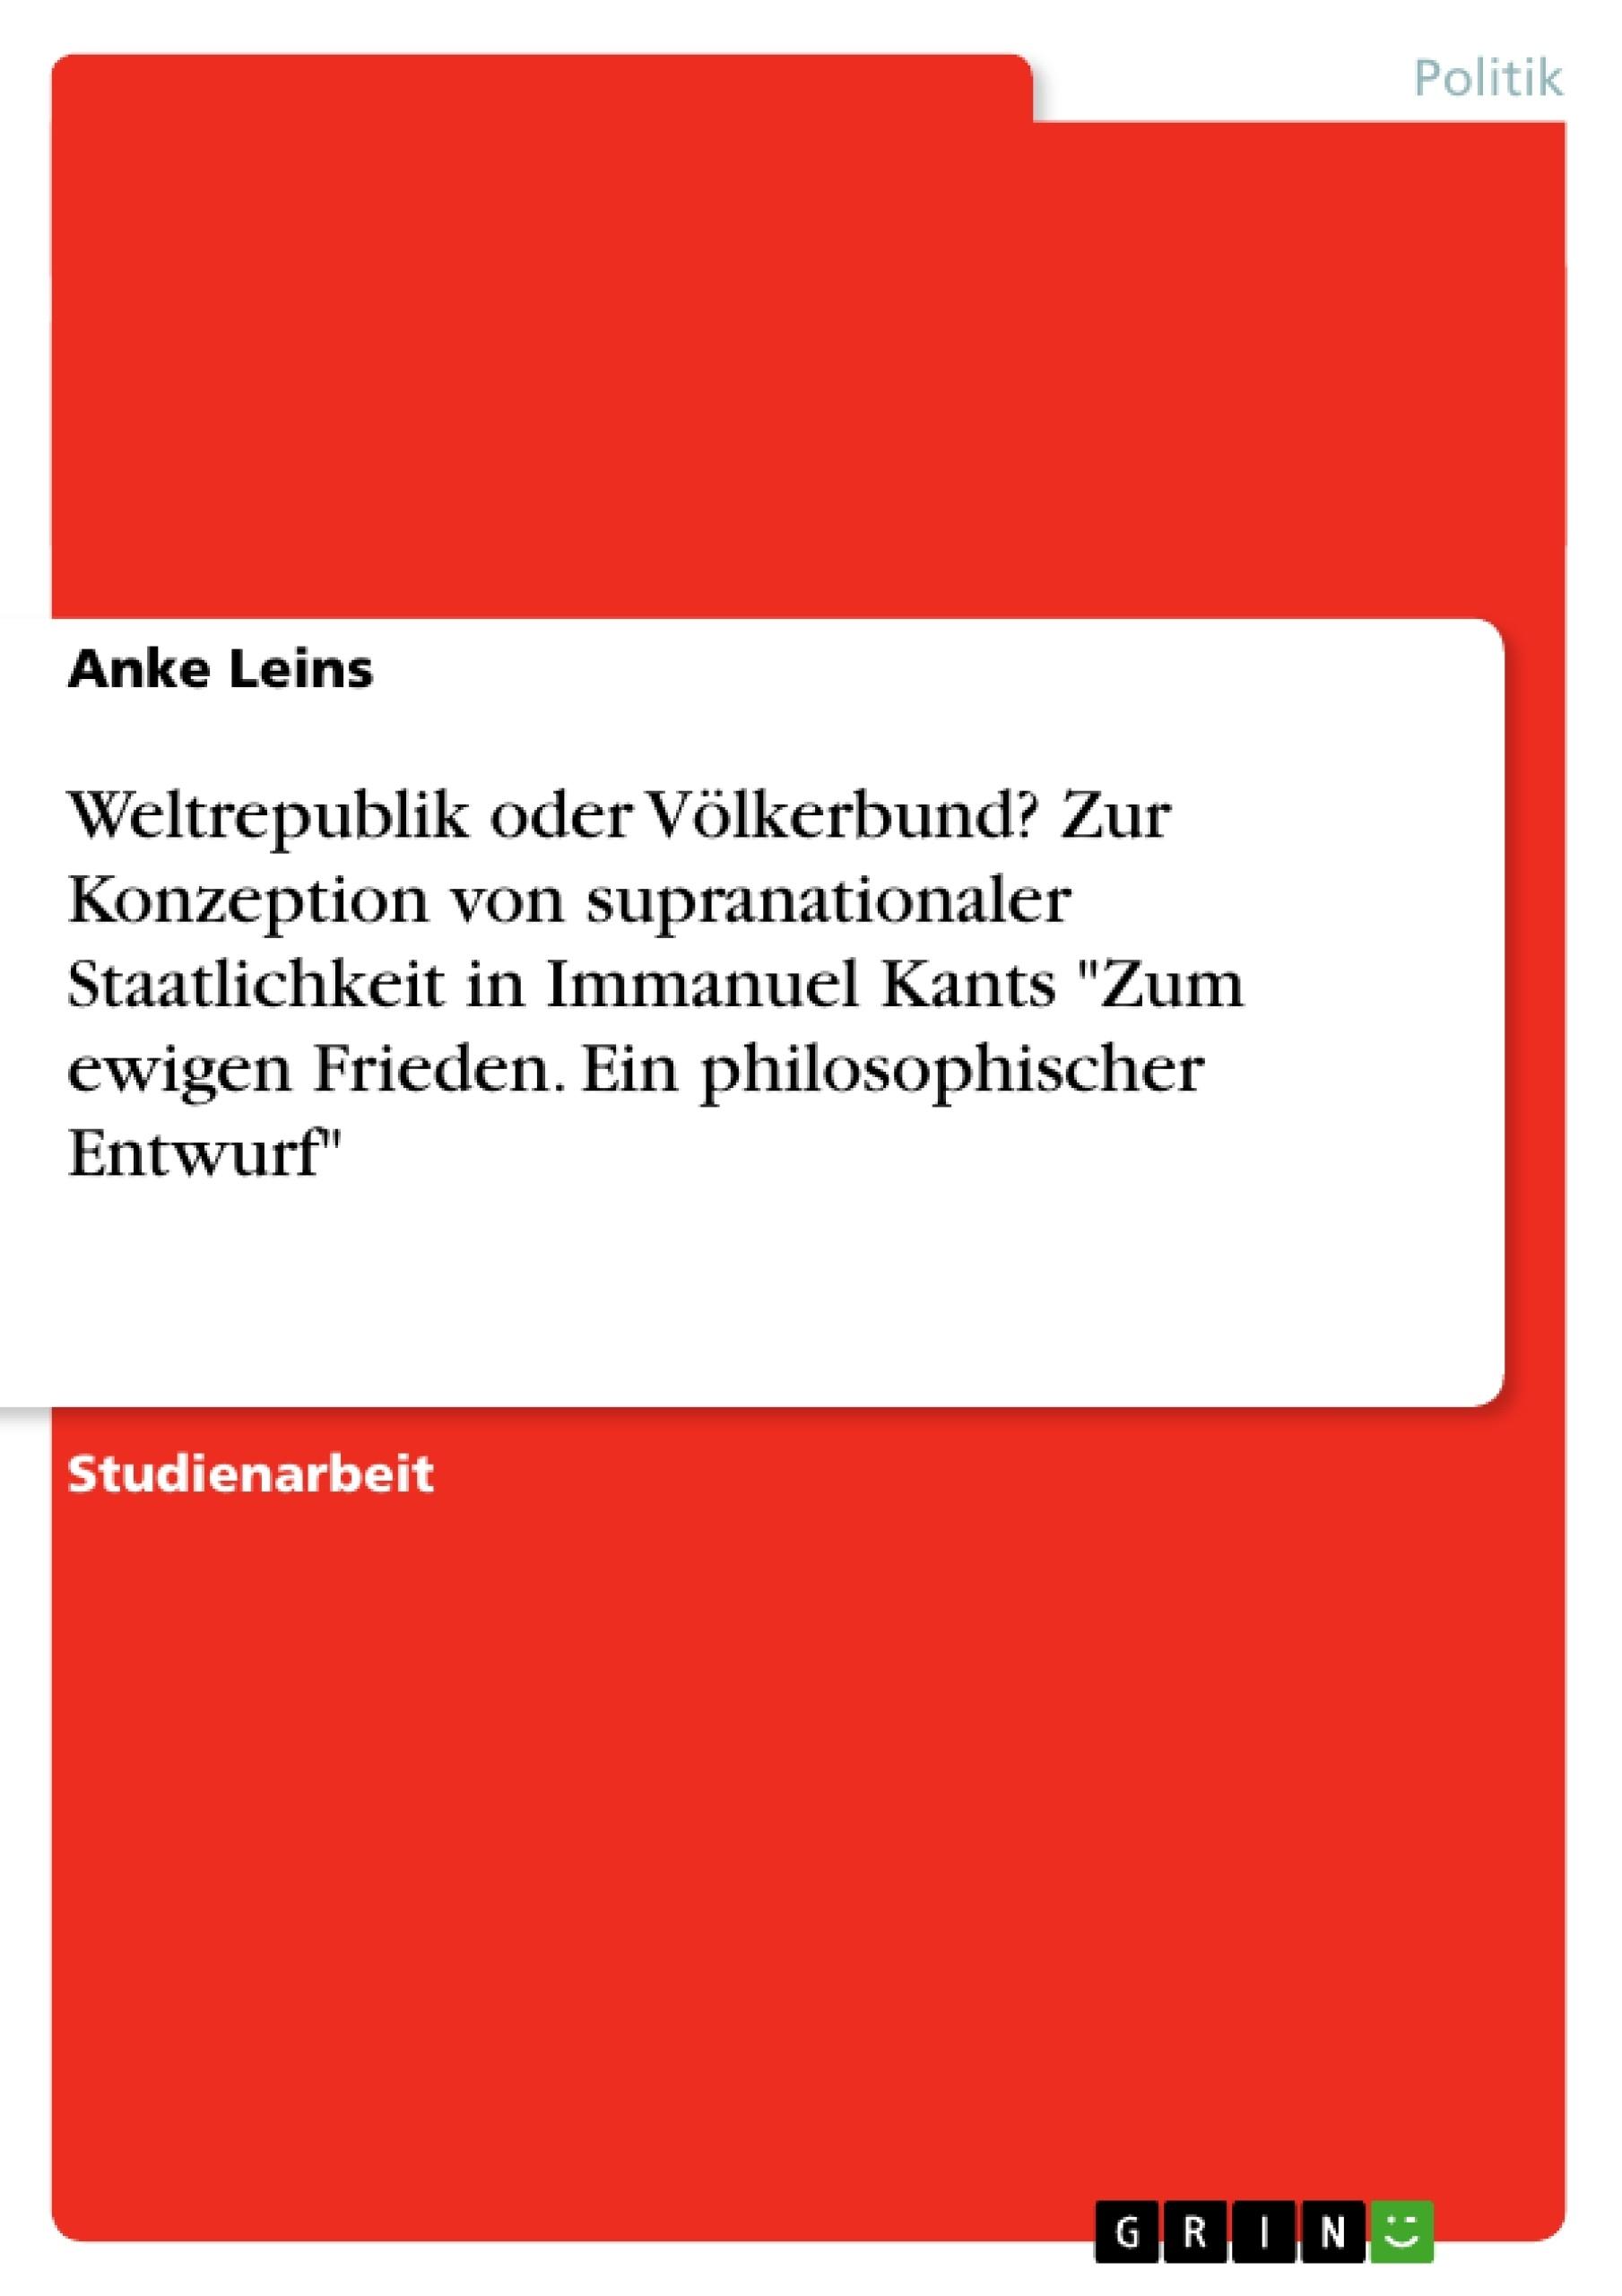 """Titel: Weltrepublik oder Völkerbund? Zur Konzeption  von supranationaler Staatlichkeit in Immanuel Kants """"Zum ewigen Frieden. Ein philosophischer Entwurf"""""""